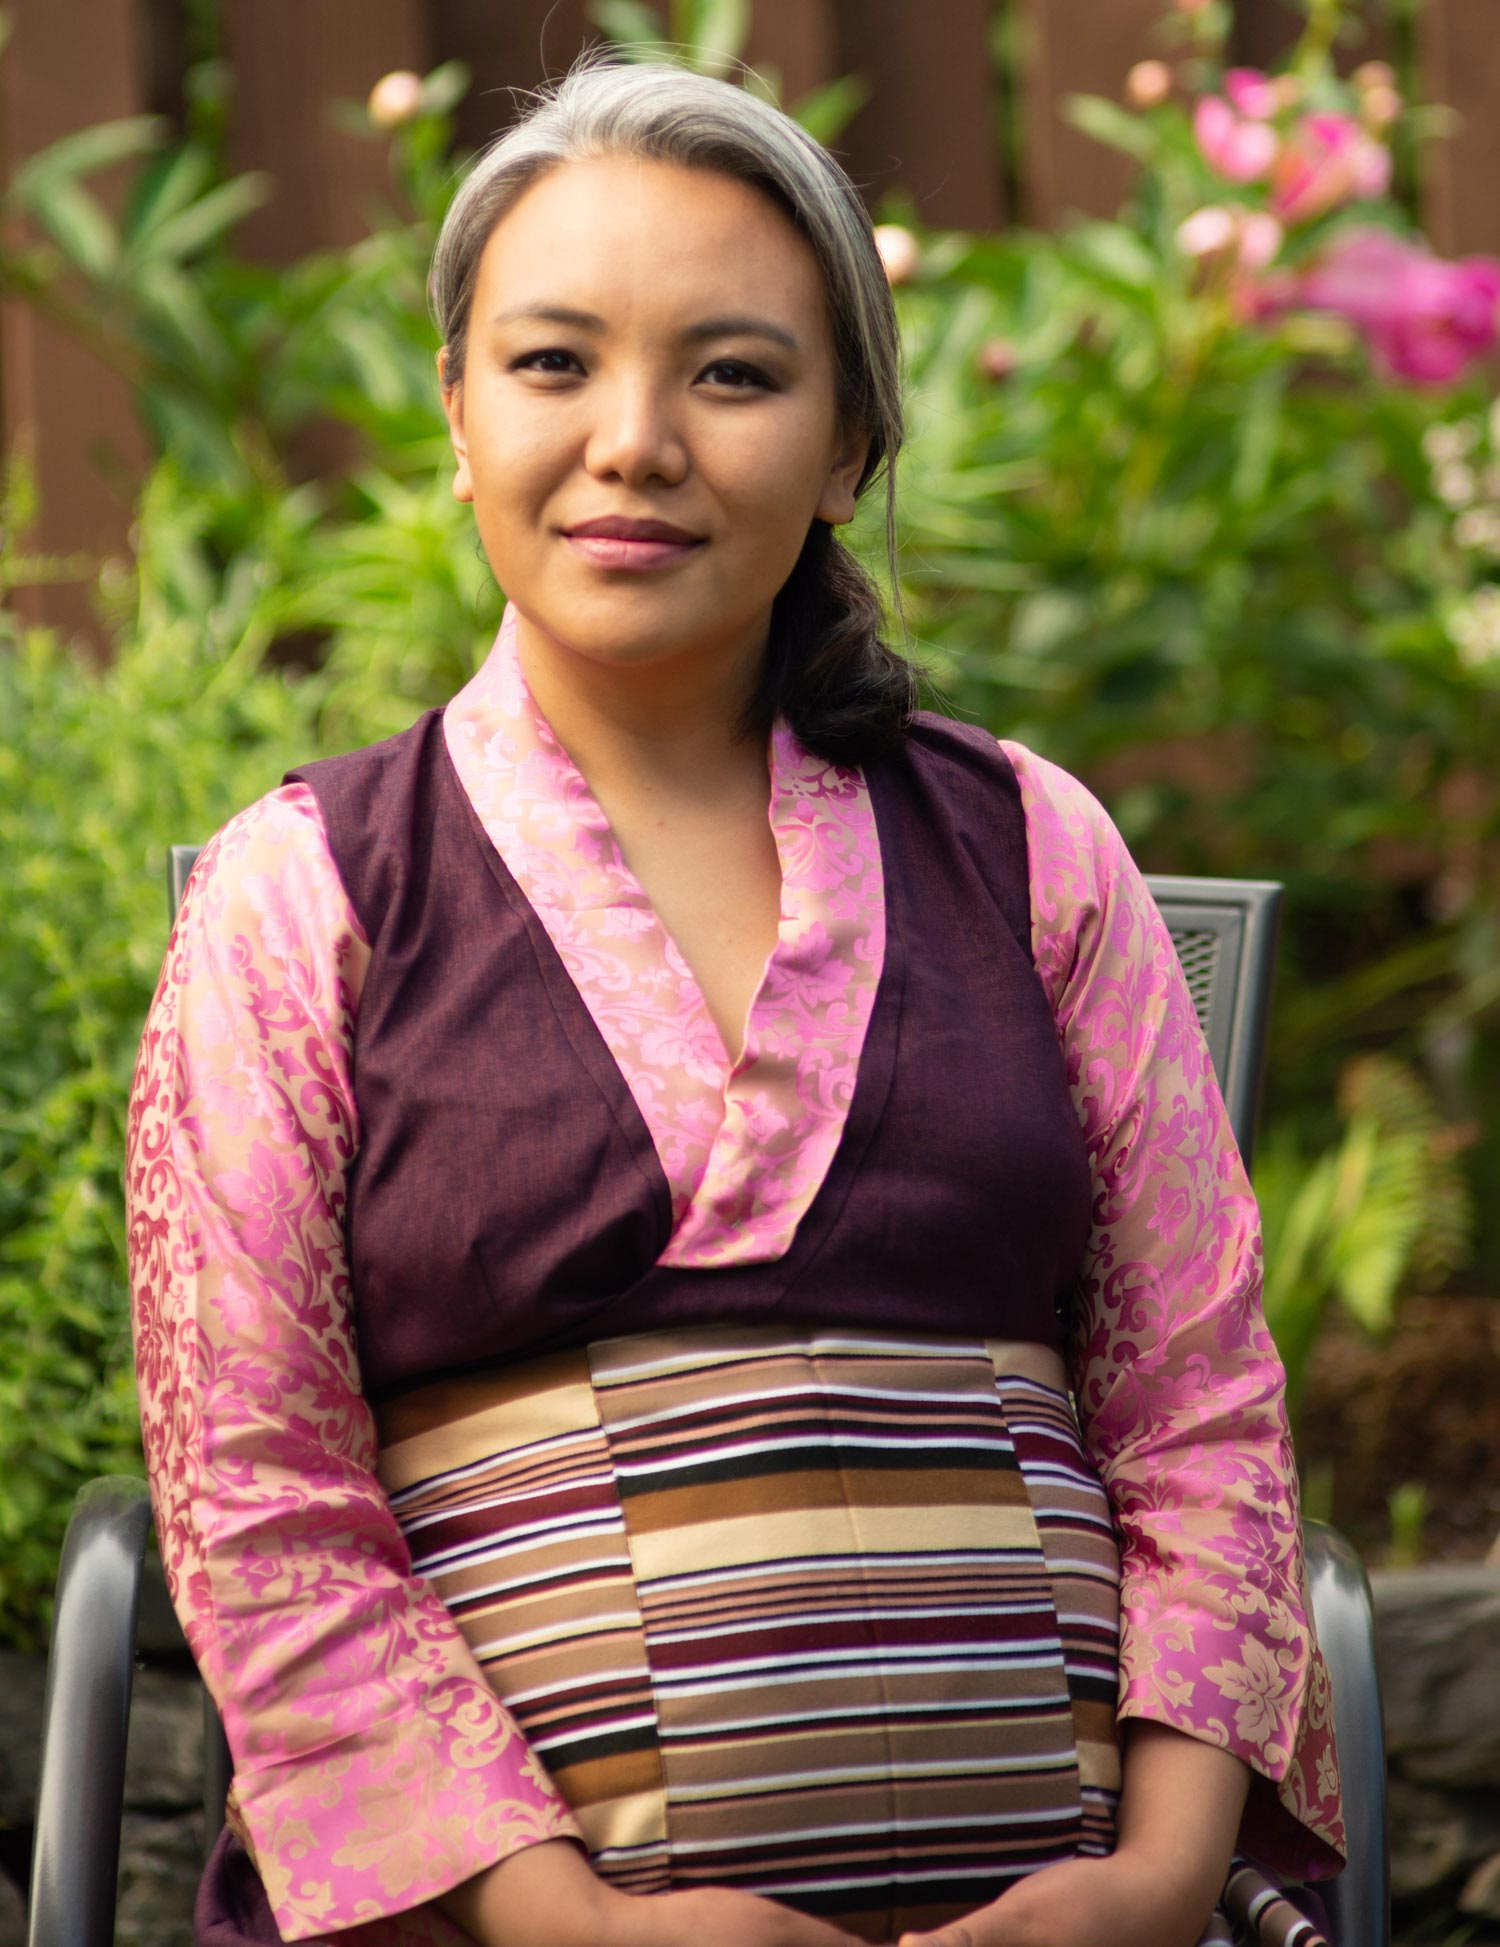 Anthropologist Pasang Yangjee Sherpa